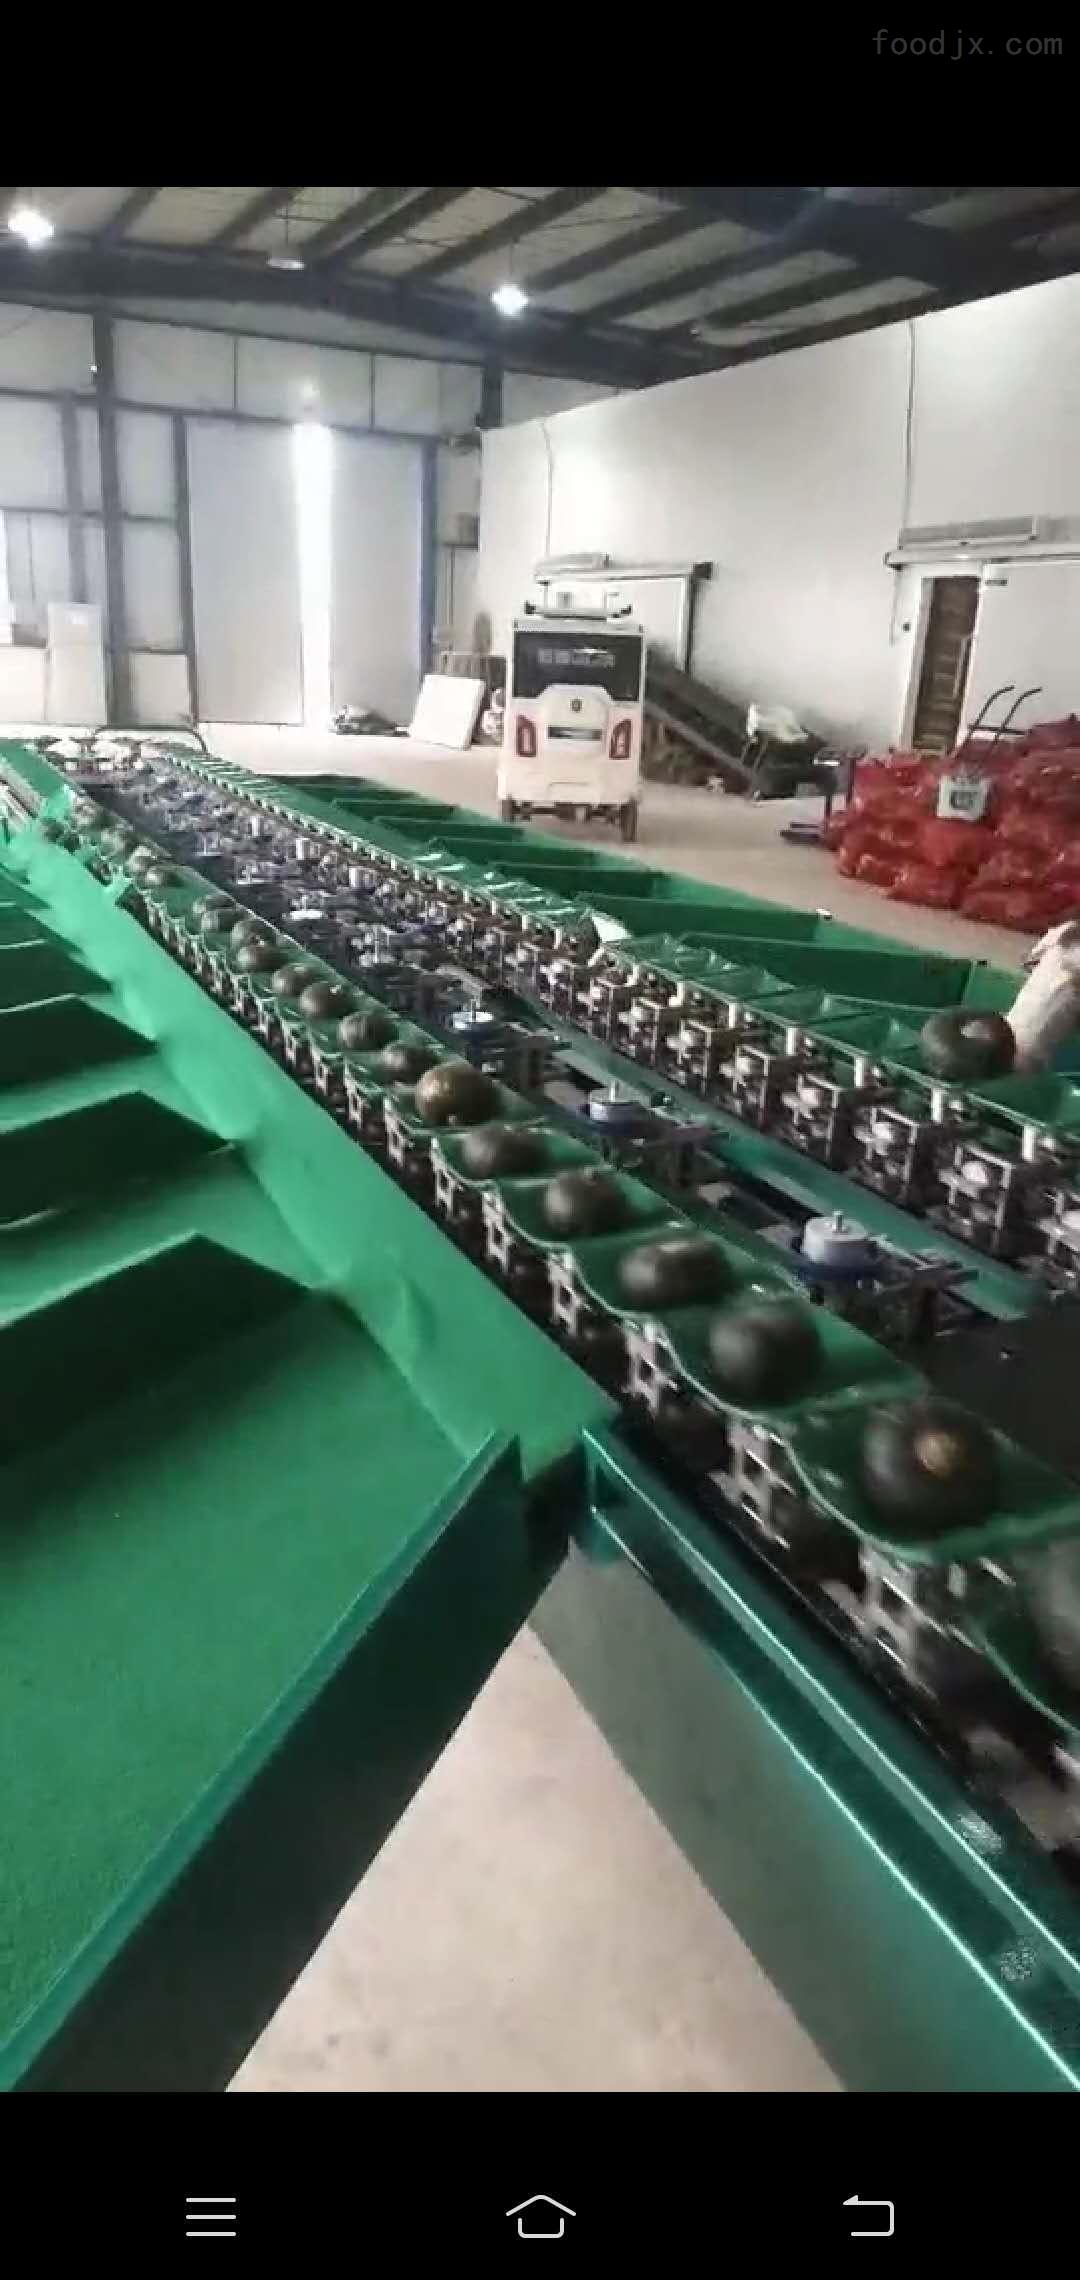 贝贝南瓜分大小的机器 可分选3公斤以下南瓜